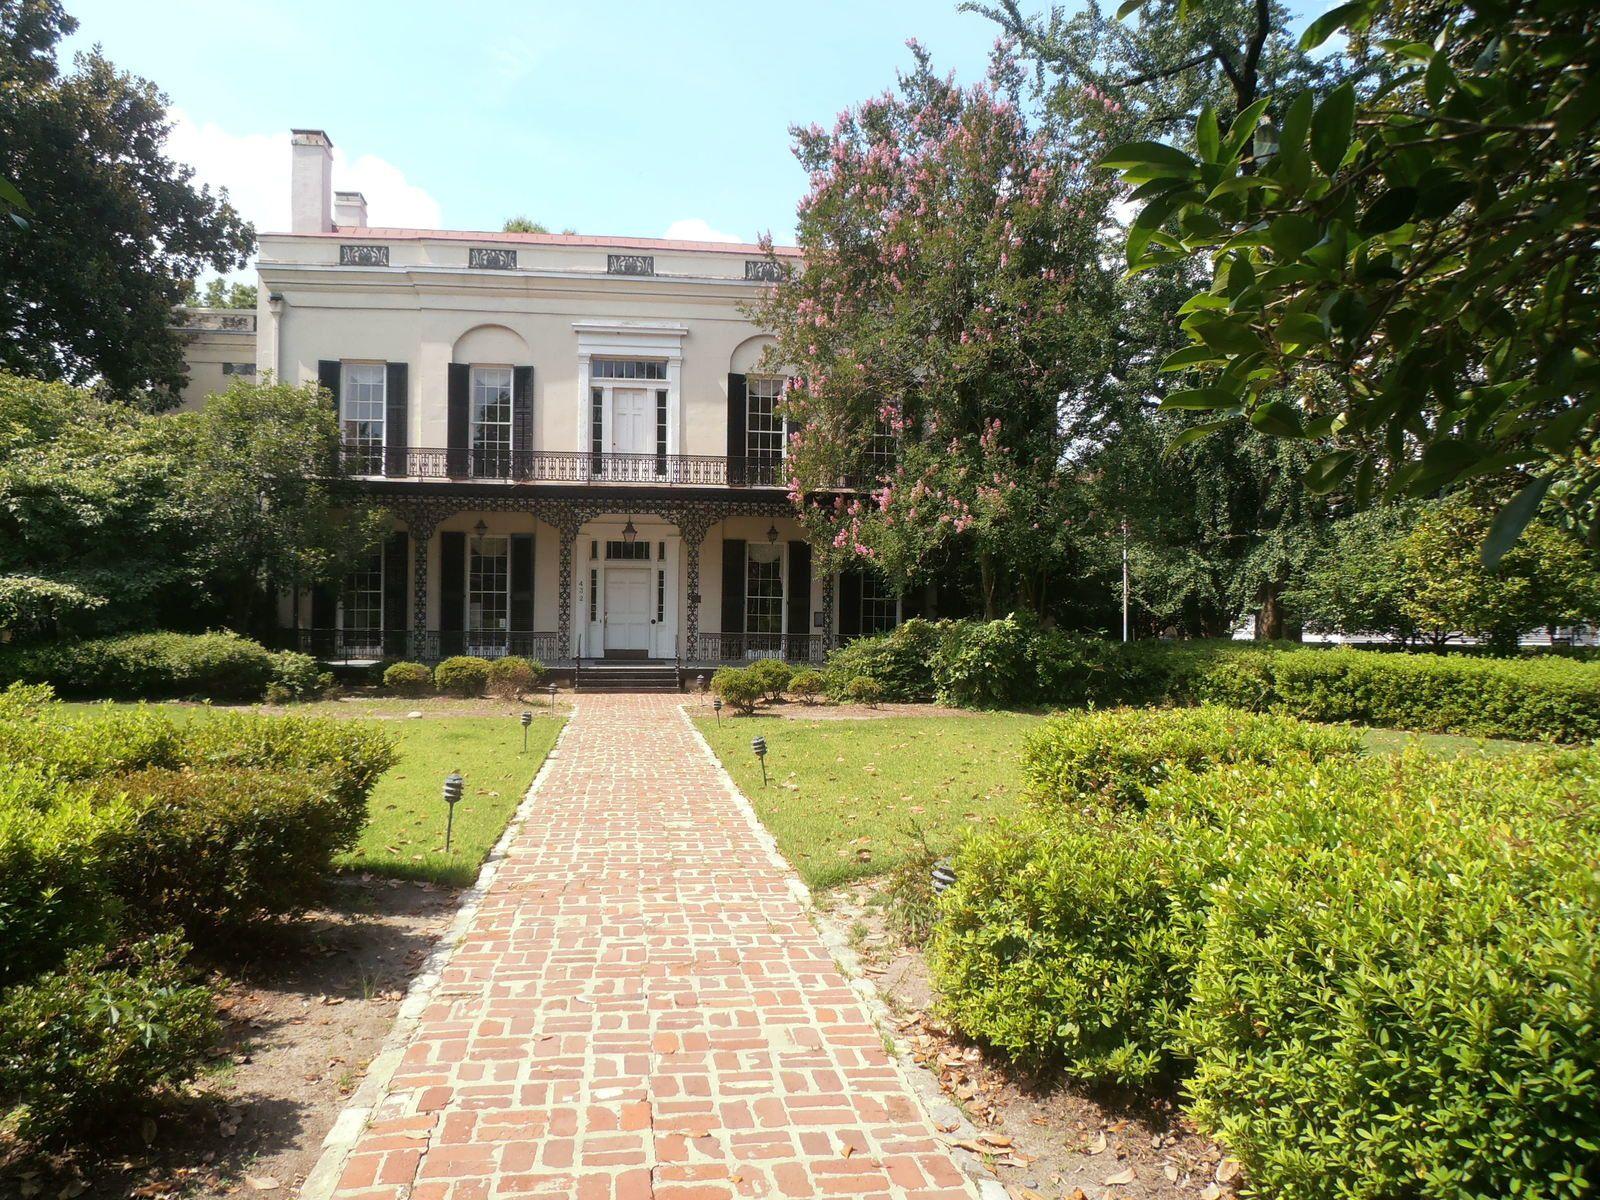 Cette maison (Old Government House) est l'ancien palais de justice du comté de Richmond. Elle fut aussi le siège de celui-ci de 1801 à 1821. Par la suite, elle devint résidence privée. En 1987, la ville d'Augusta la racheta pour en faire un lieu de réceptions.